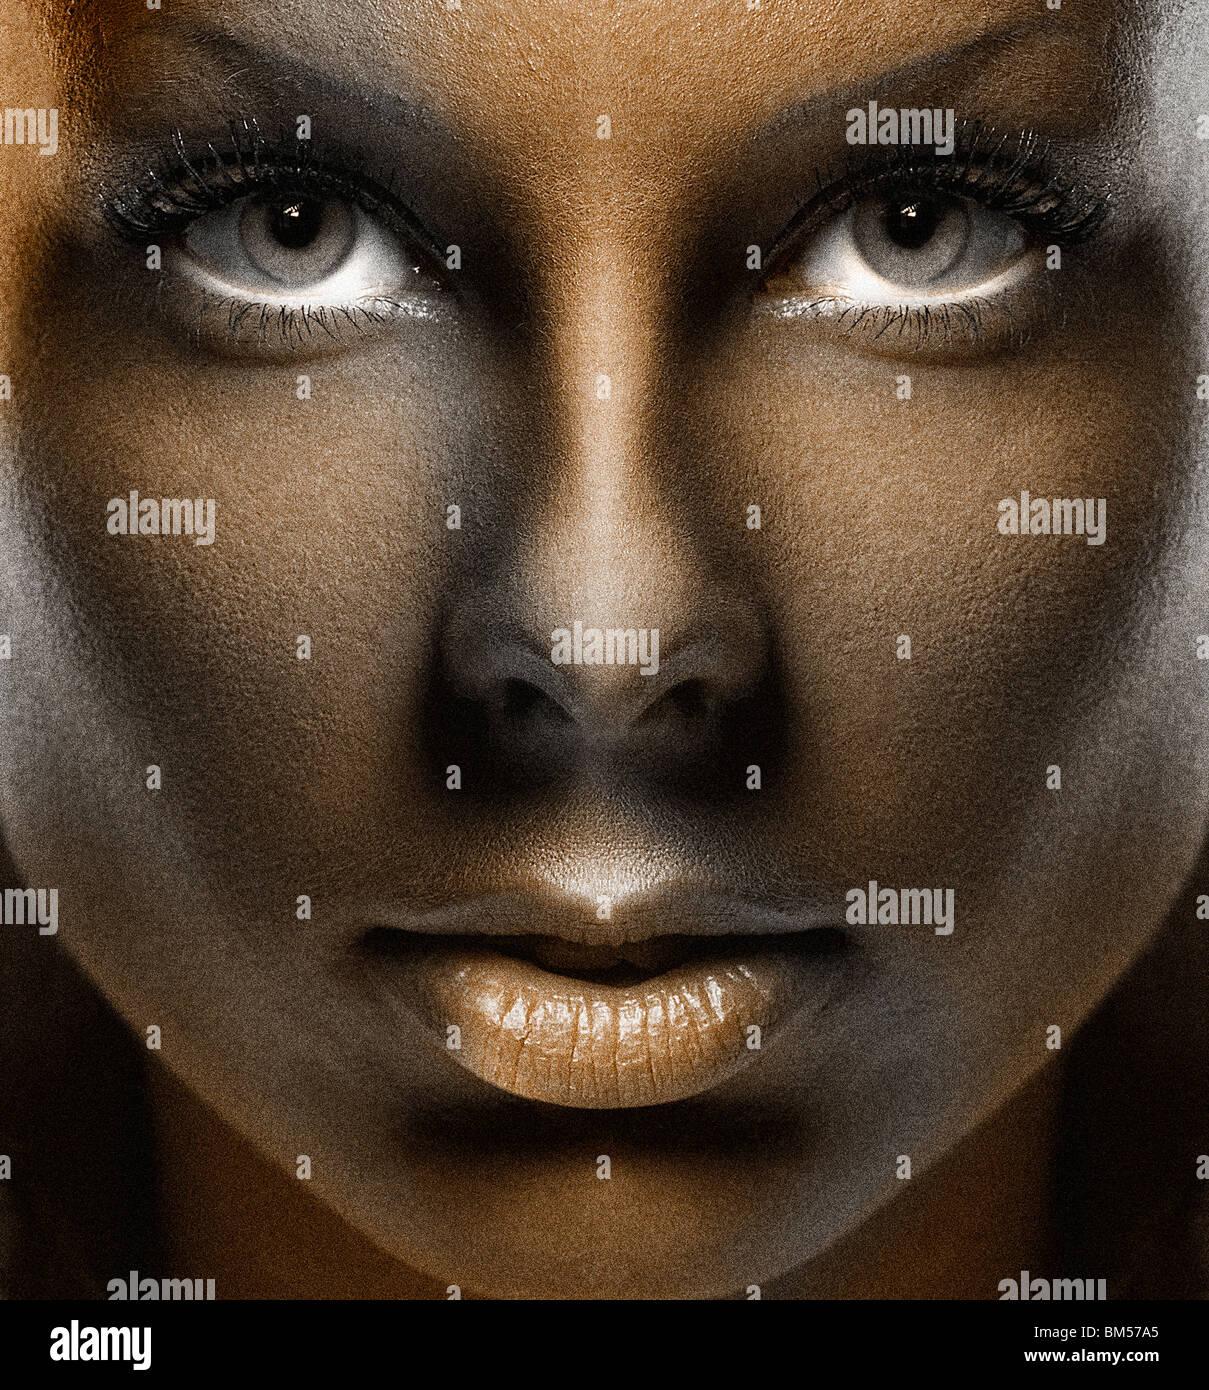 Wunderschön Gesicht Bemalen Ideen Von Bemalte Gesicht, Weiblich, Kriegsbemalung, Make-up, Kosmetik, Che,